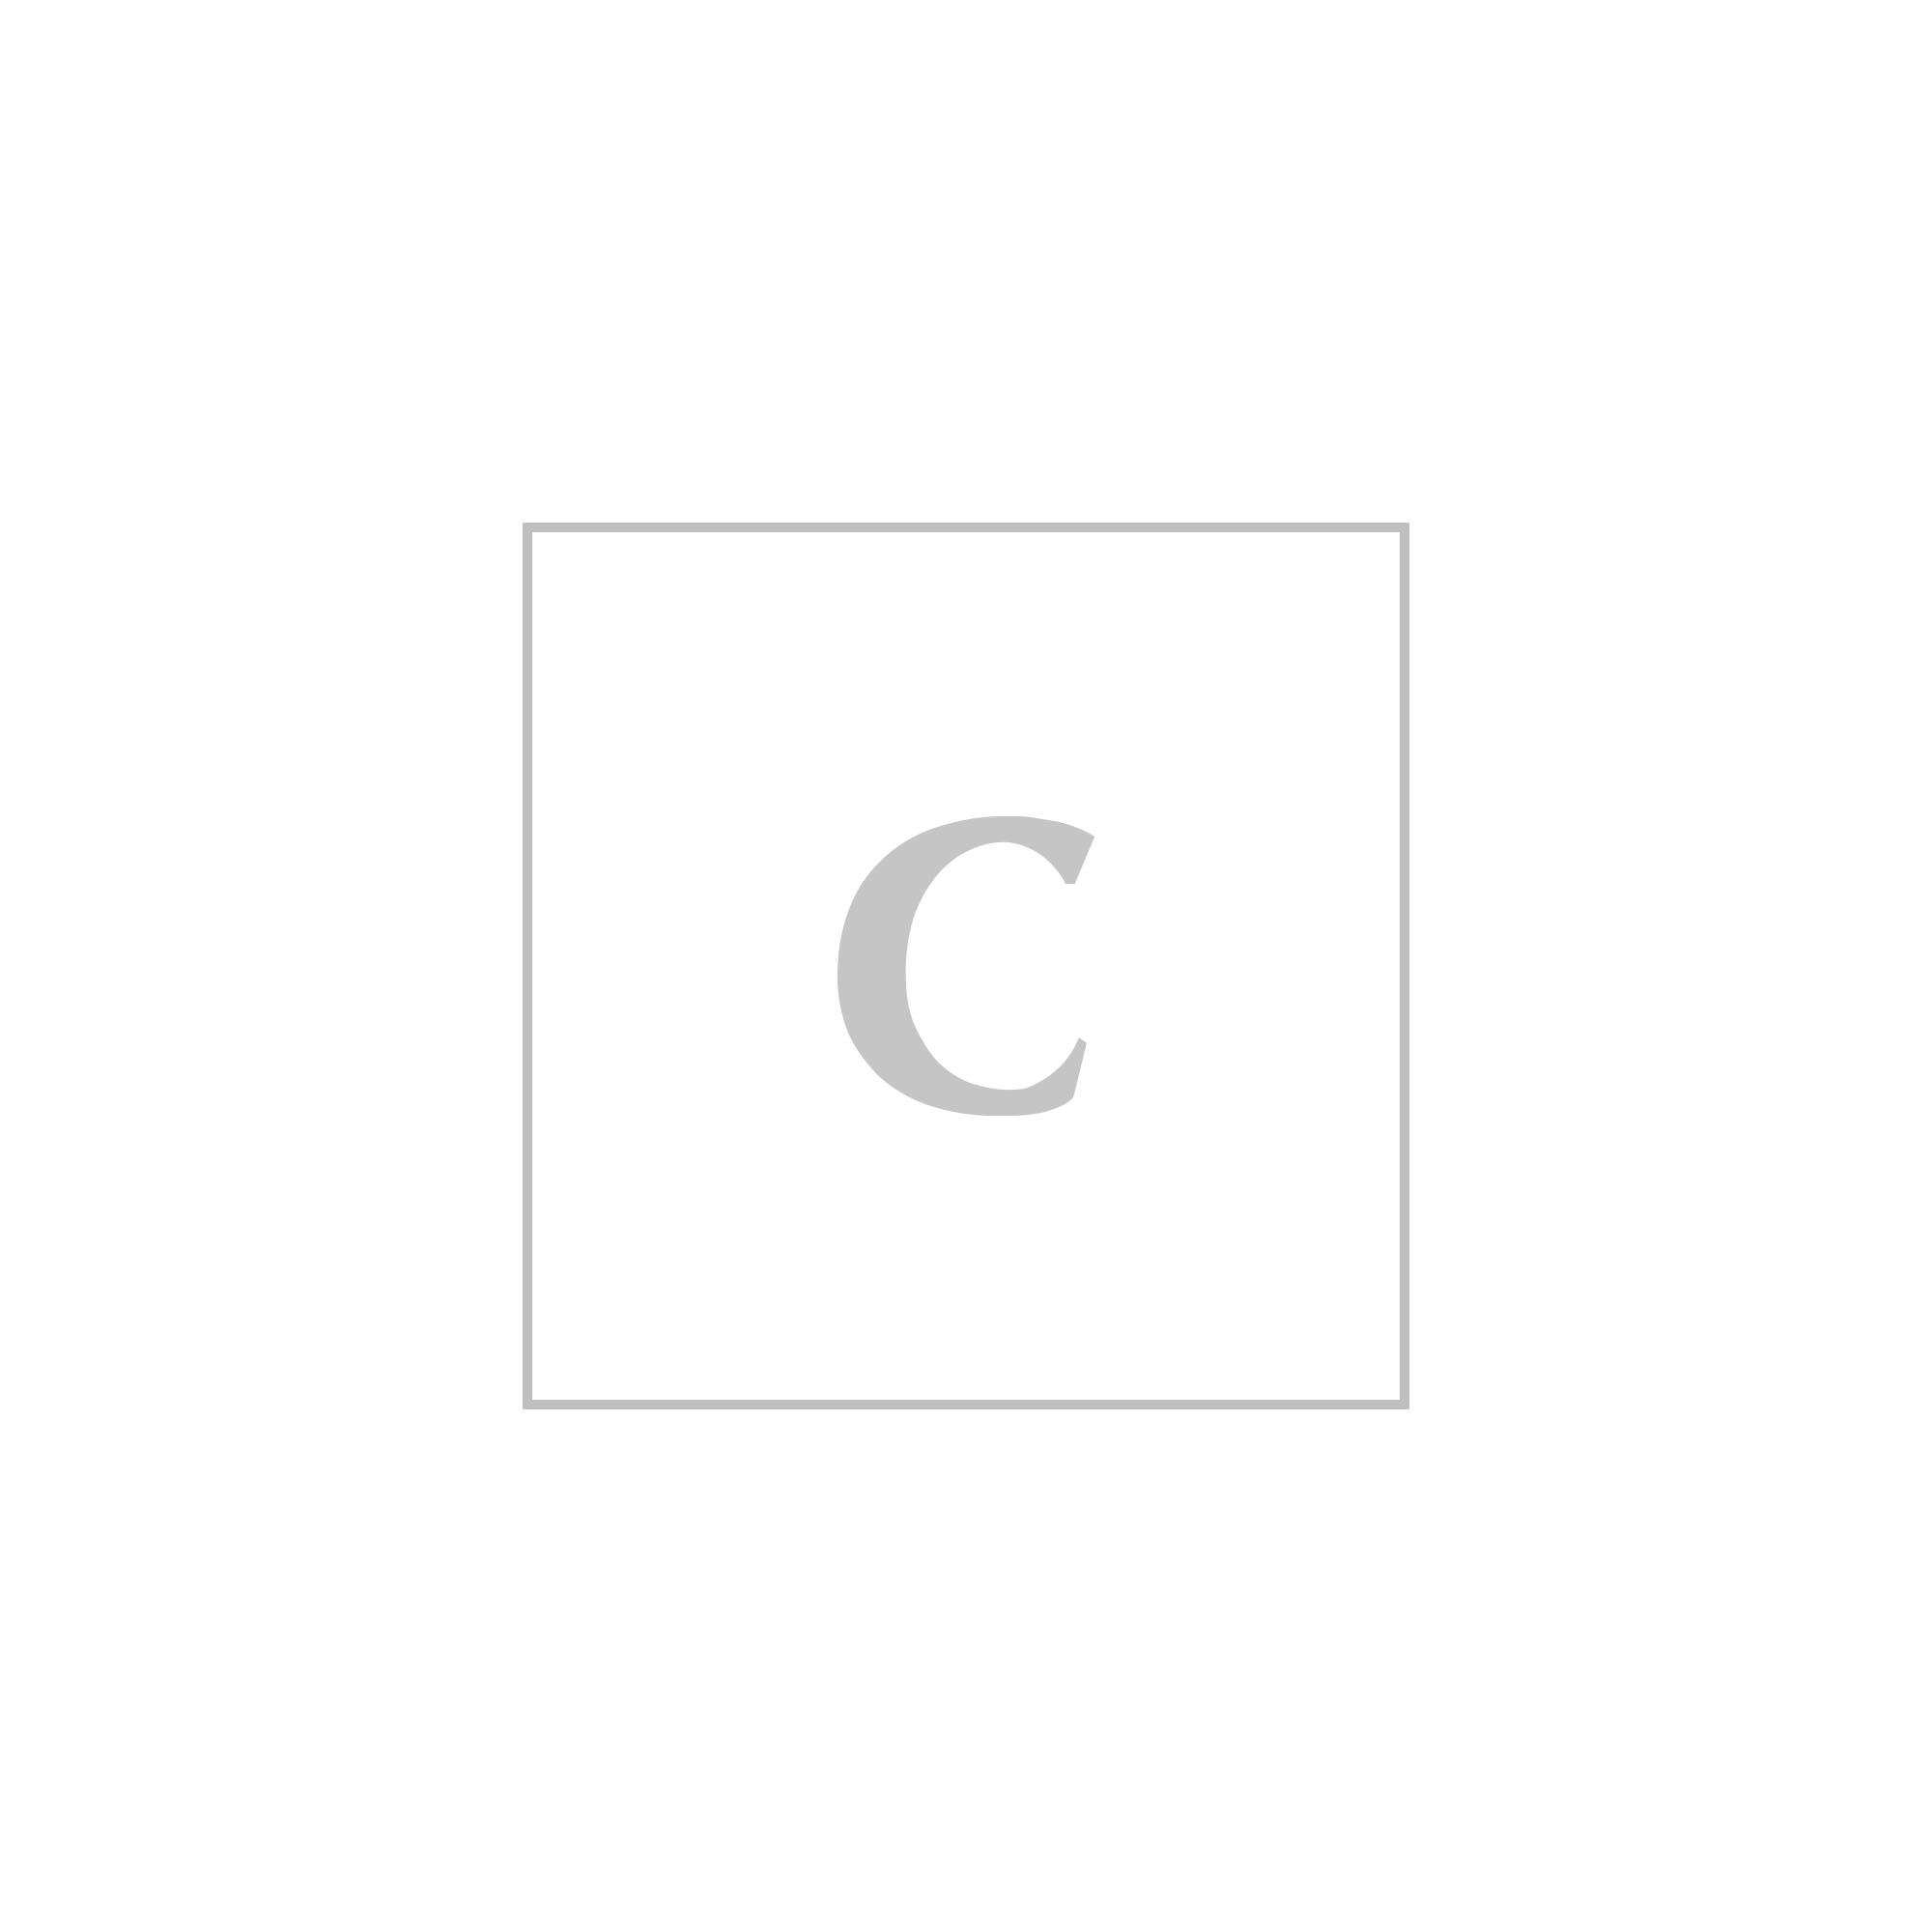 Burberry impermeabile corto